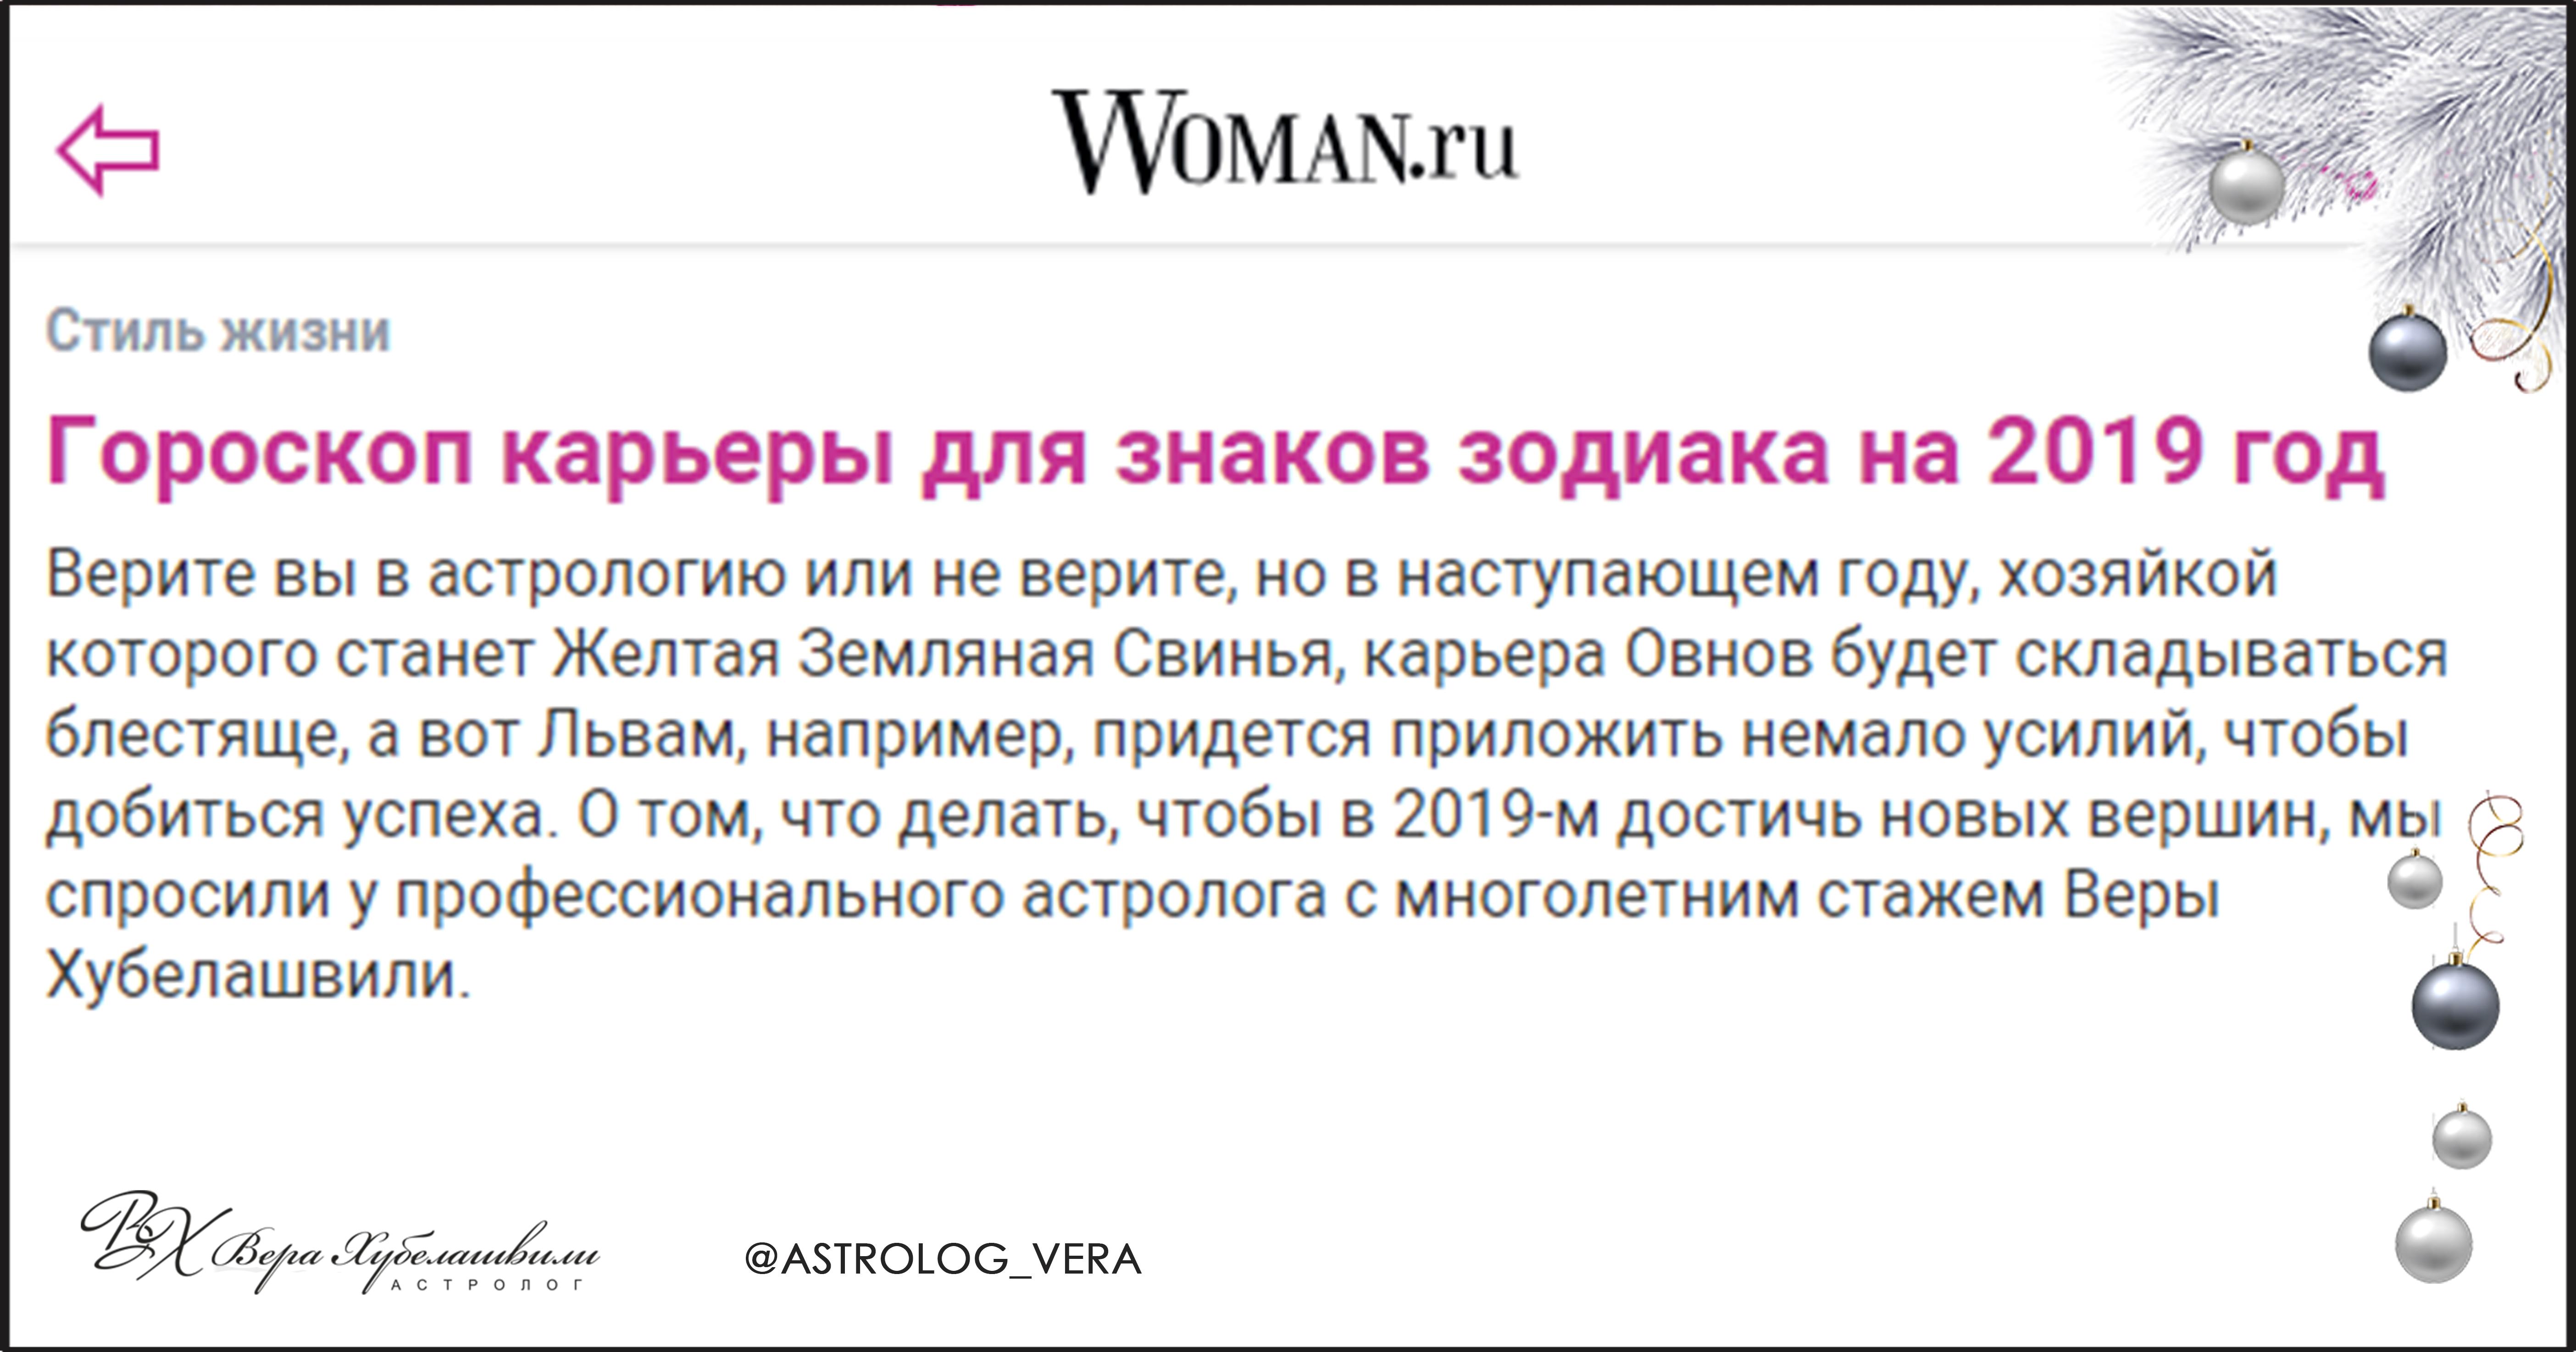 Гороскоп карьеры для знаков Зодиака на 2019 год [ПУБЛИКАЦИЯ ДЛЯ WOMAN.RU]